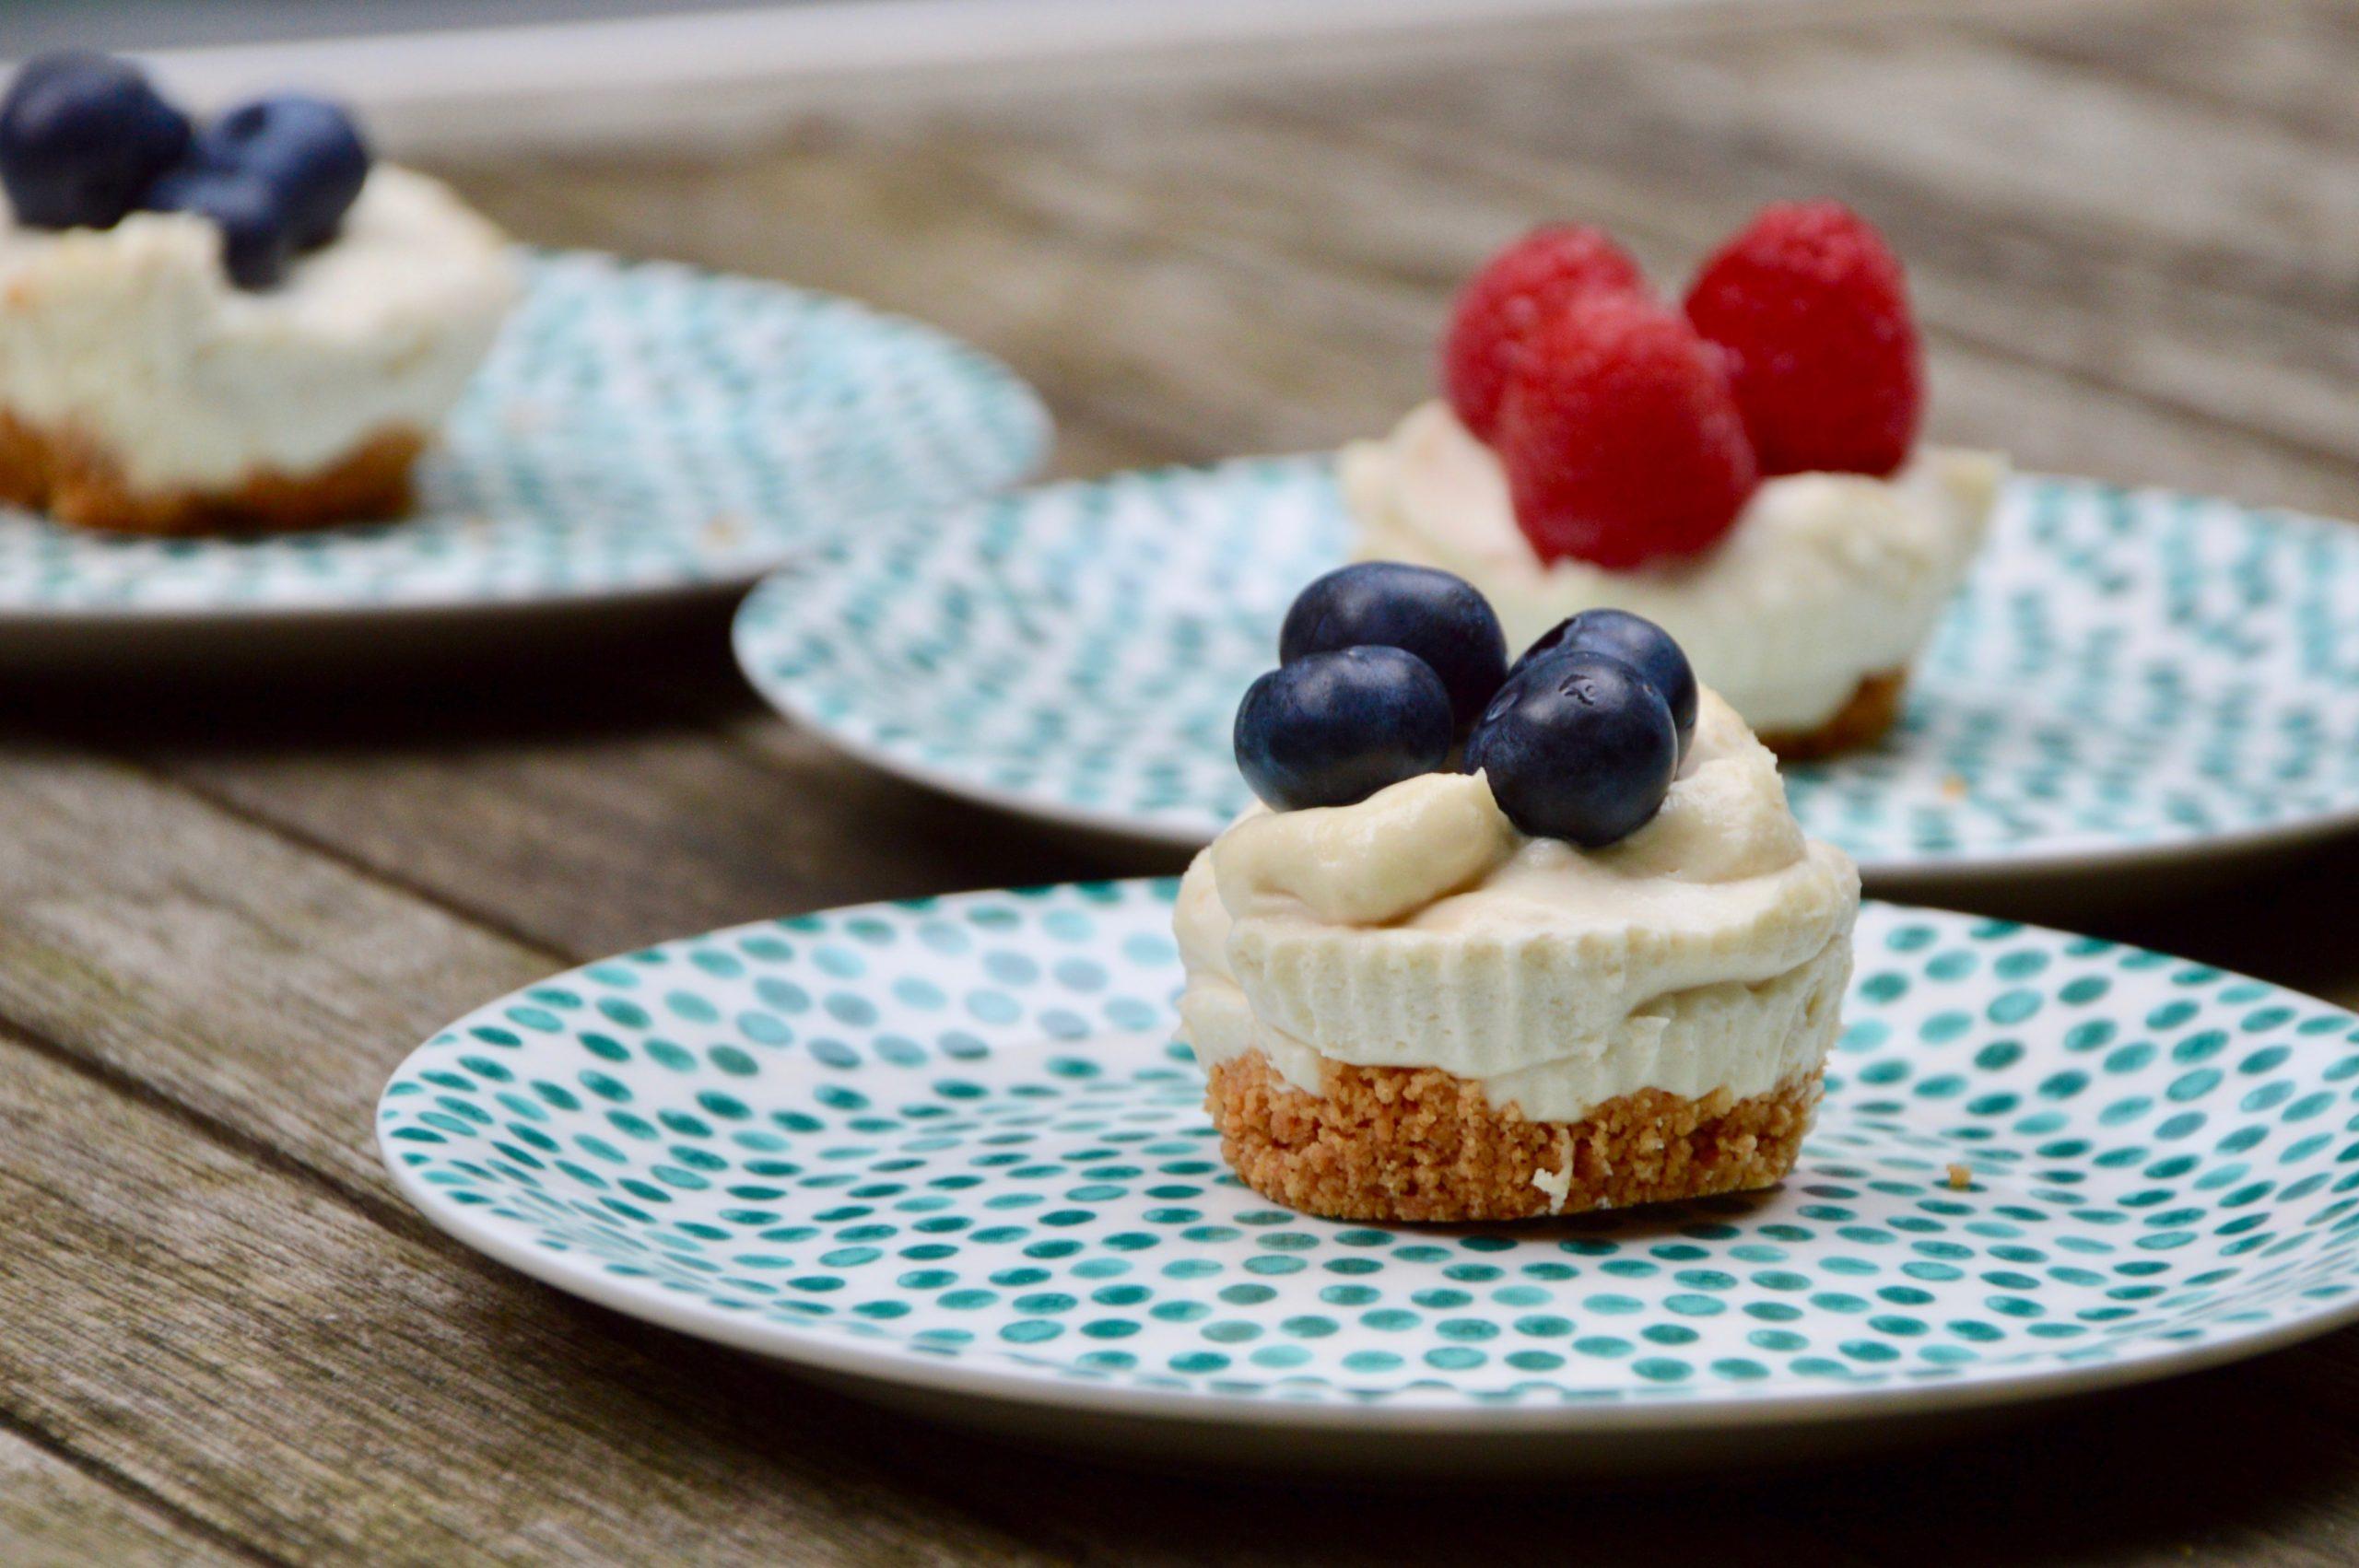 le cheesecake à la vanille & aux myrtilles